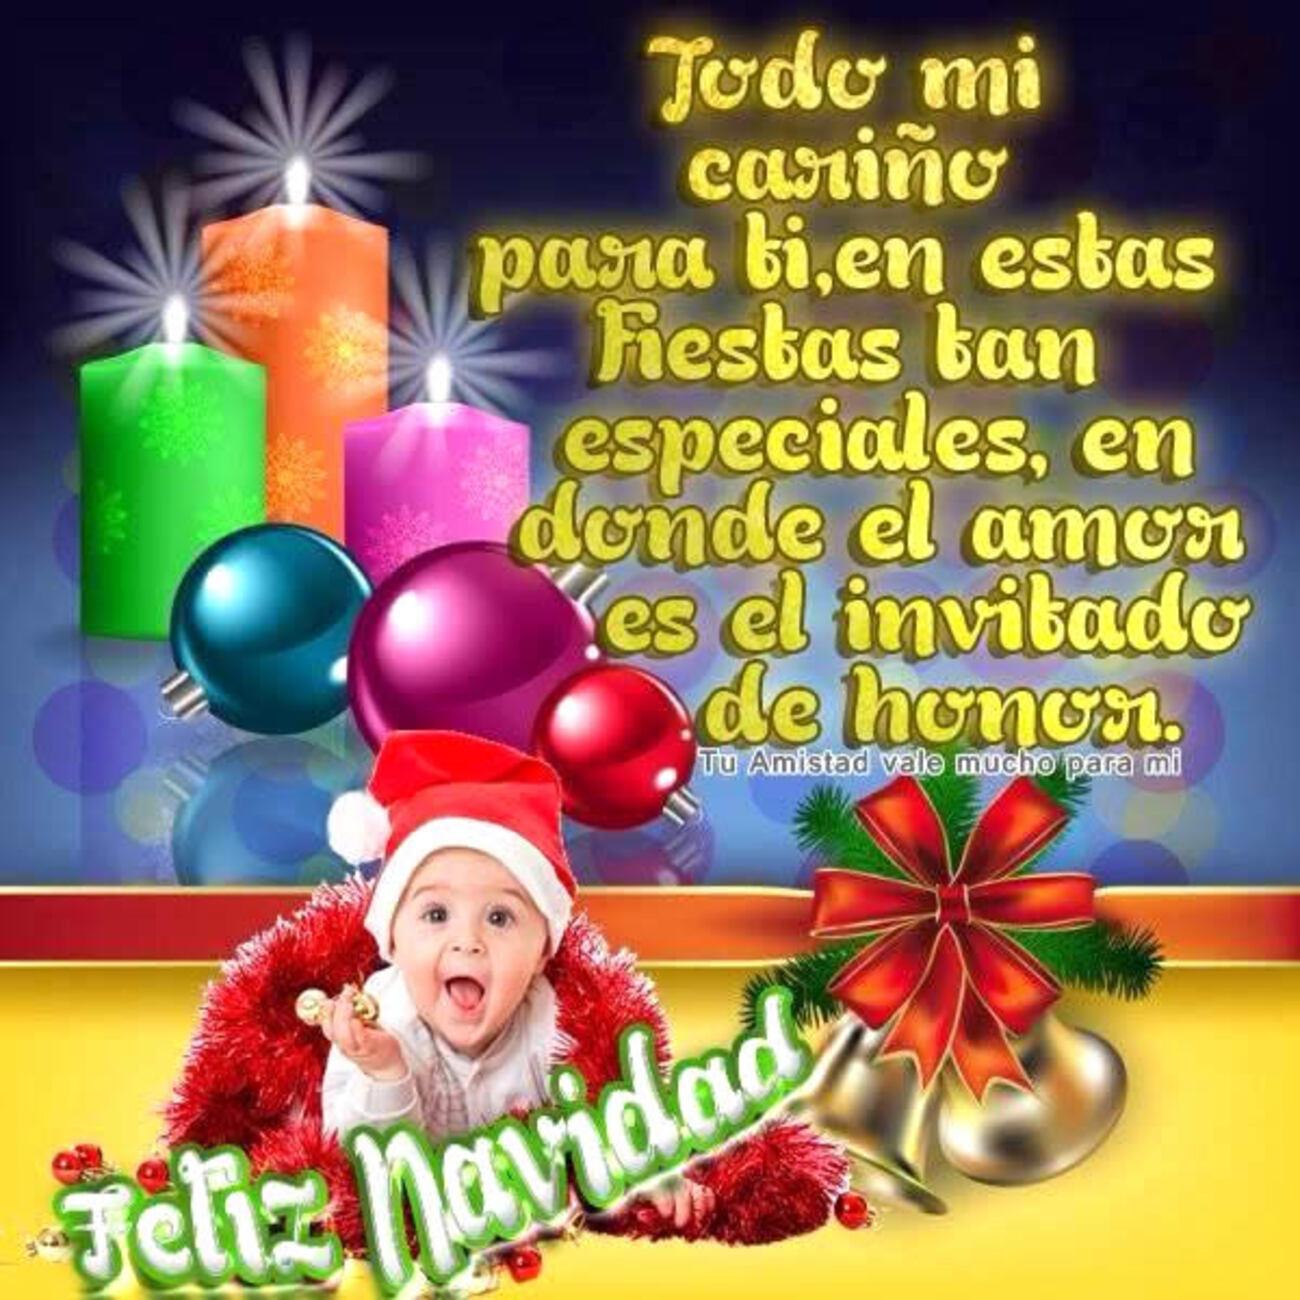 Todo mi cariño para ti, en estas fiestas tan especiales, en donde el amor es el invitado de honor. Feliz Navidad